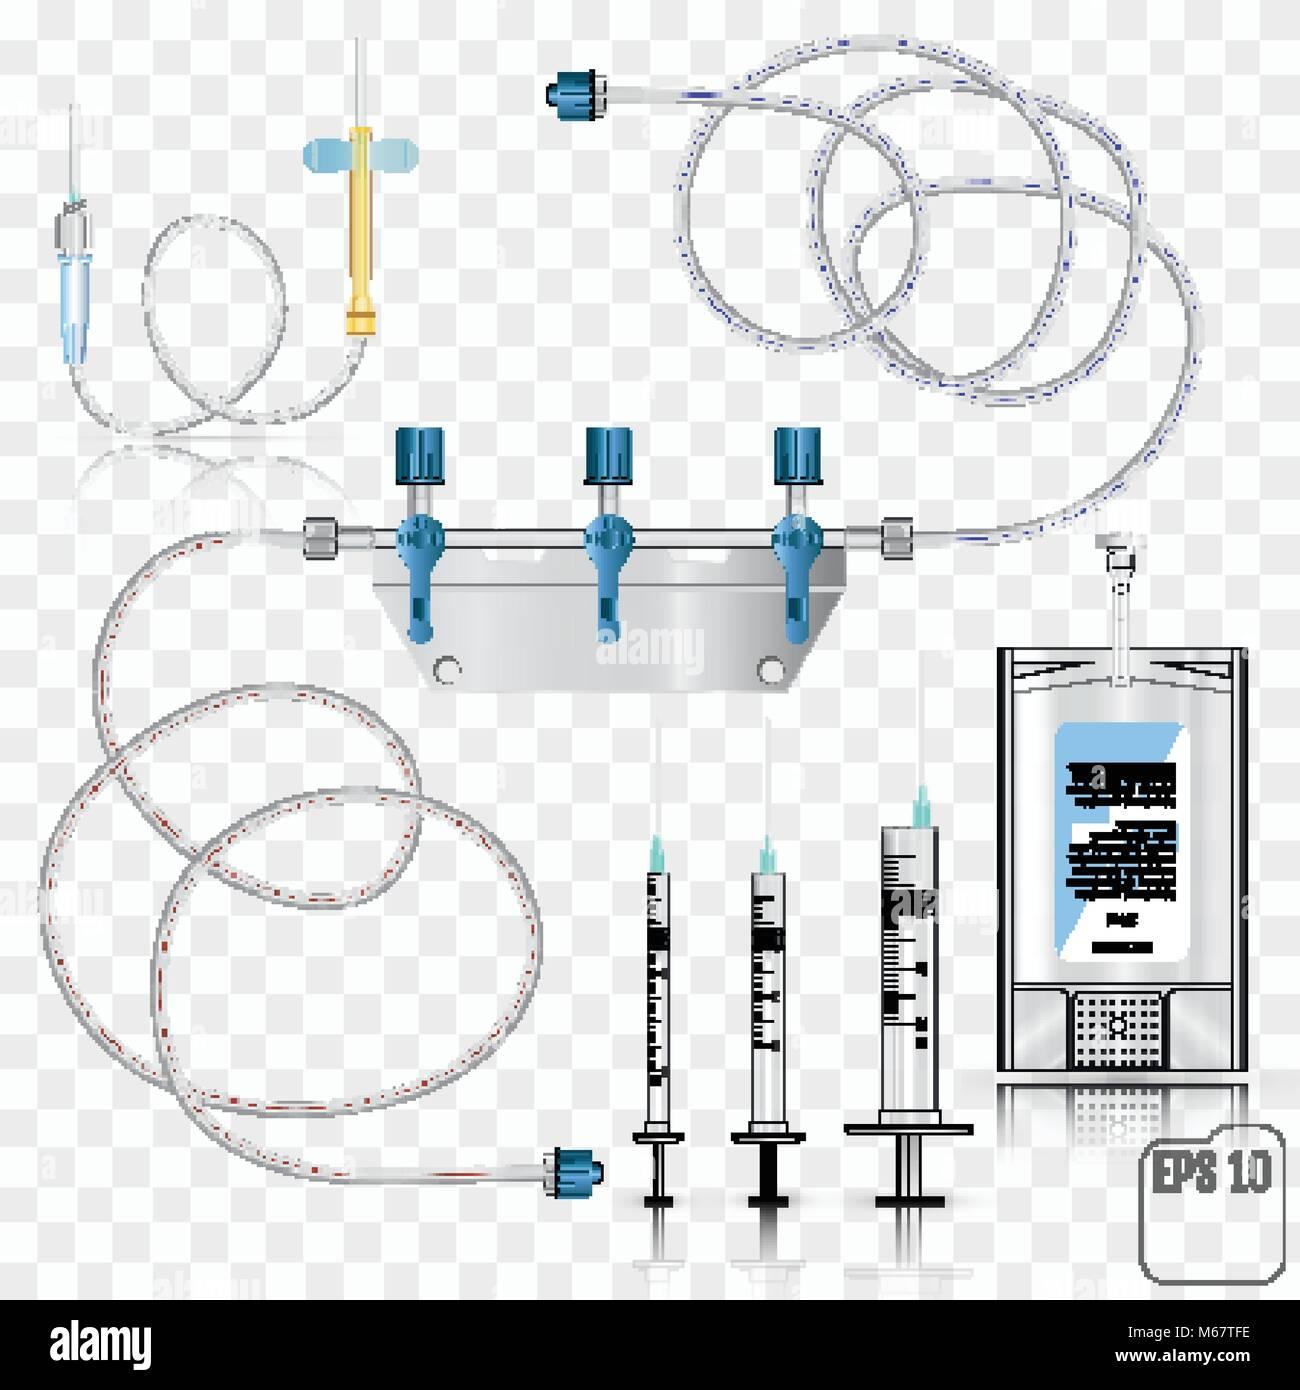 90dd6c395 Bolsa de plástico antibióticos intravenosos y conjunto de infusión. Sistema  para infusiones intravenosas con un dispositivo de conversión.